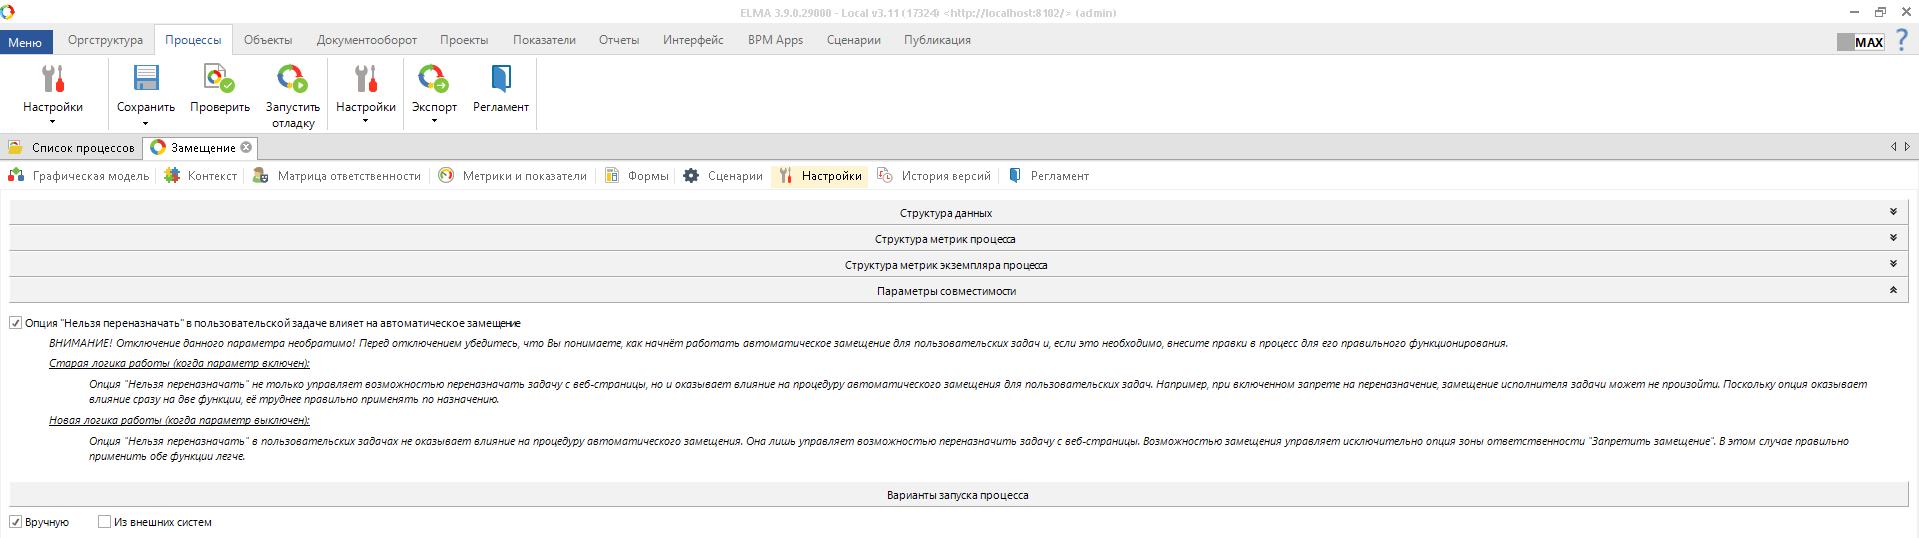 http://www.elma-bpm.ru/kb/assets/Palshina/927_103.png